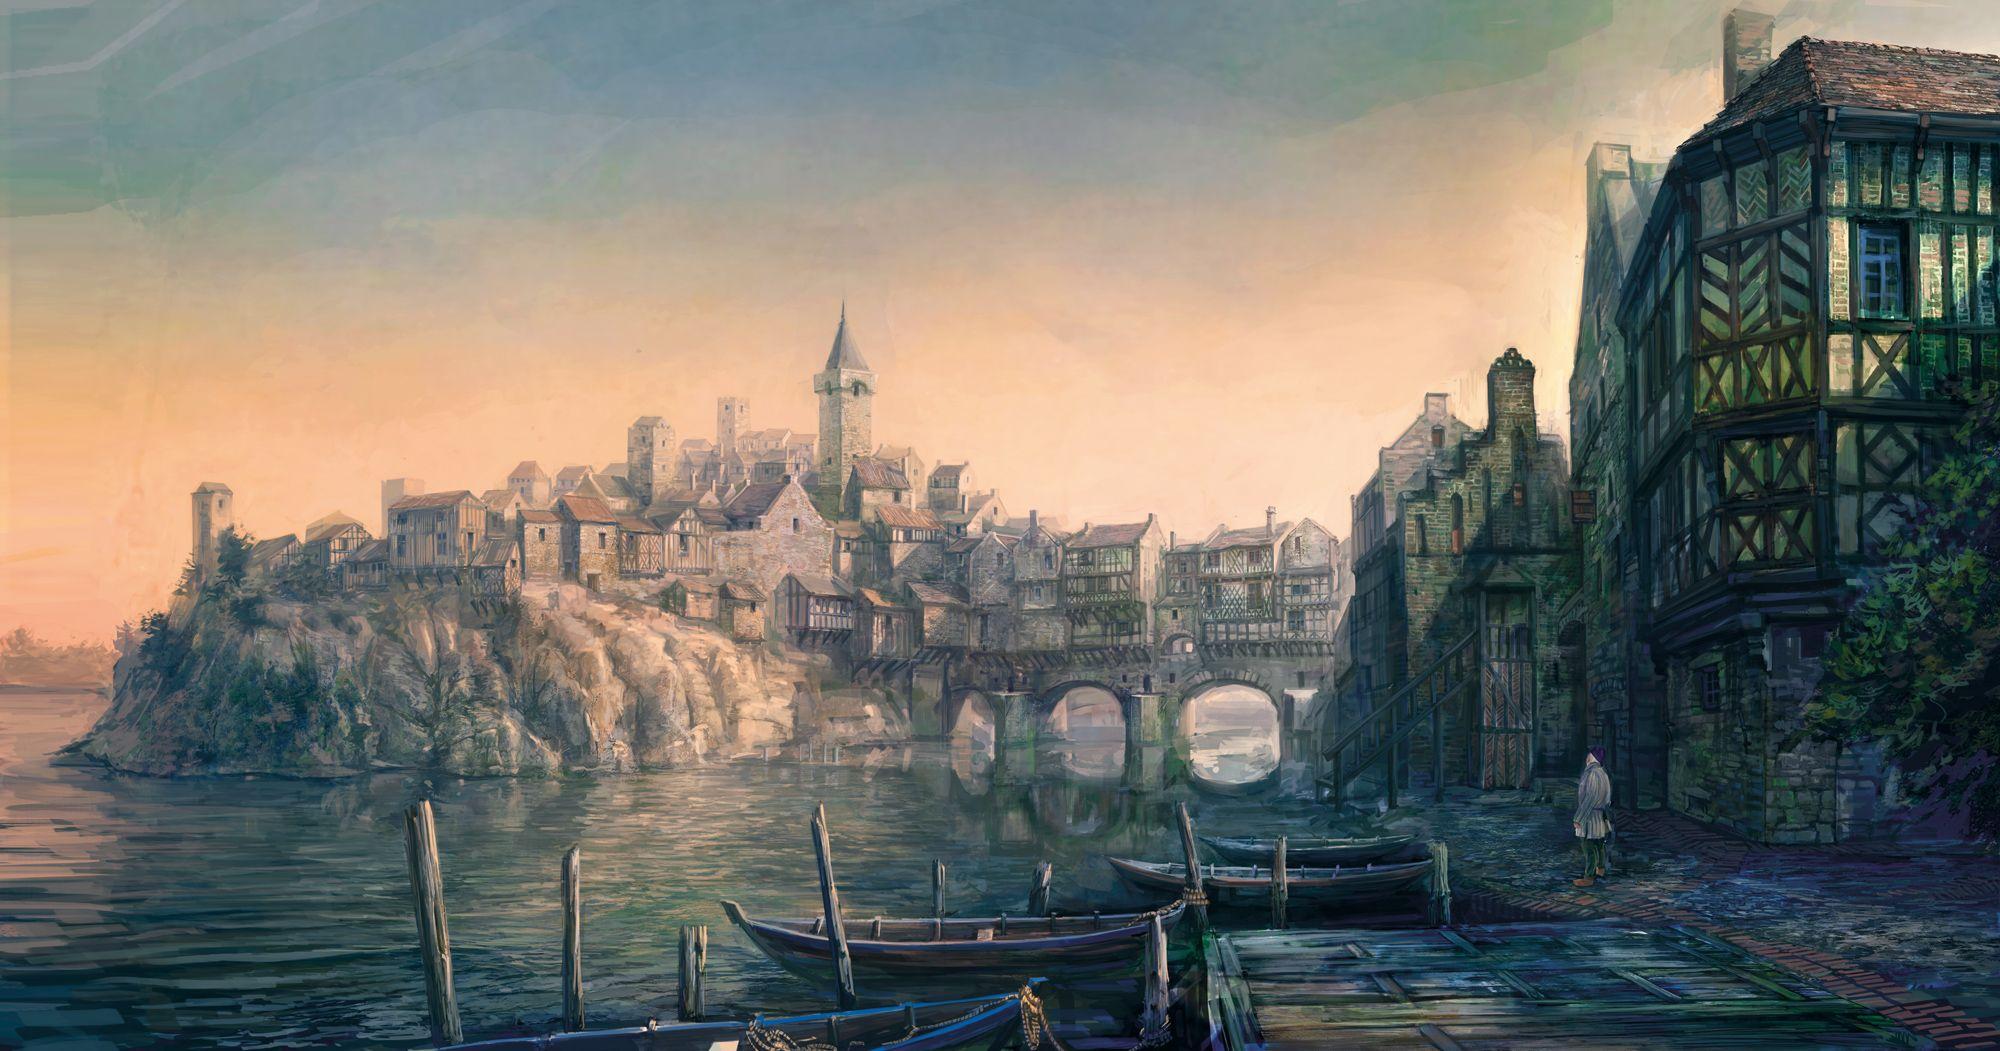 Witcher 3 environment 다크 판타지, 인아트, 판타지